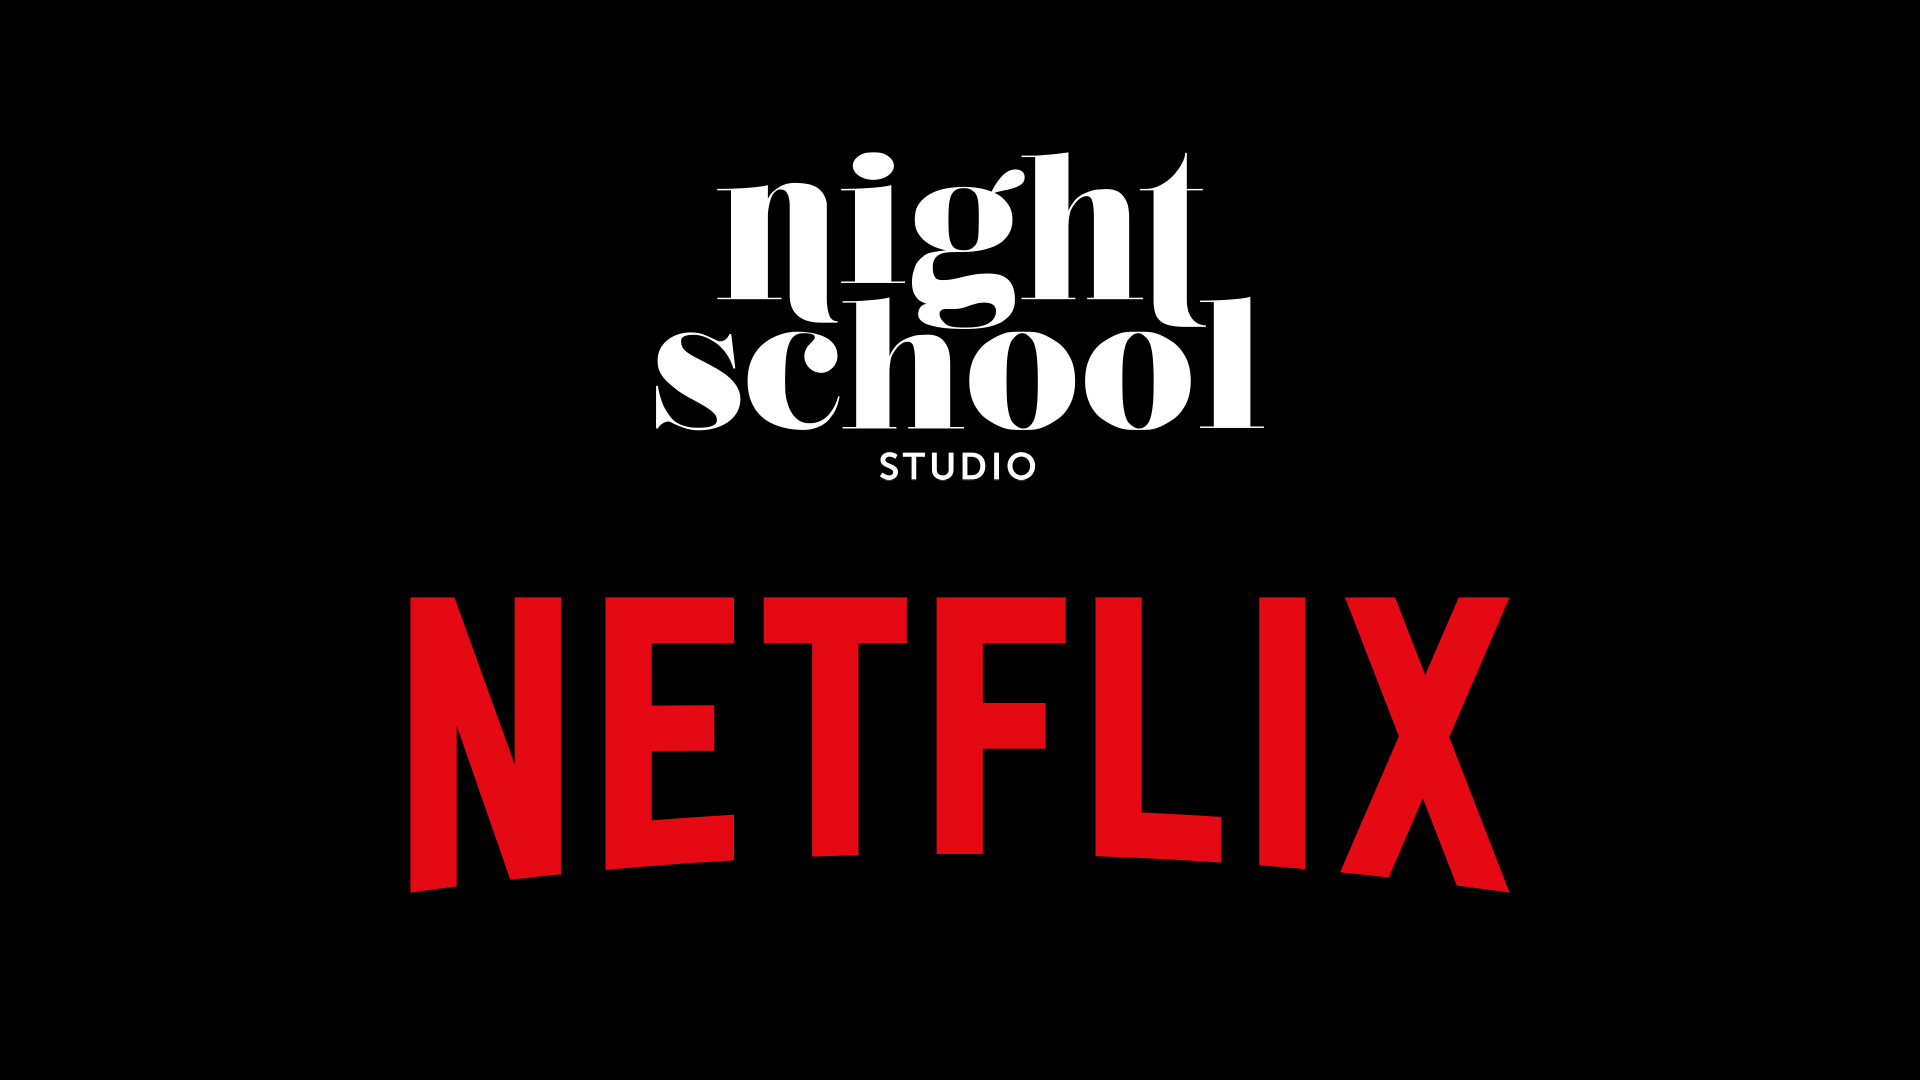 nightschoolstudio.com